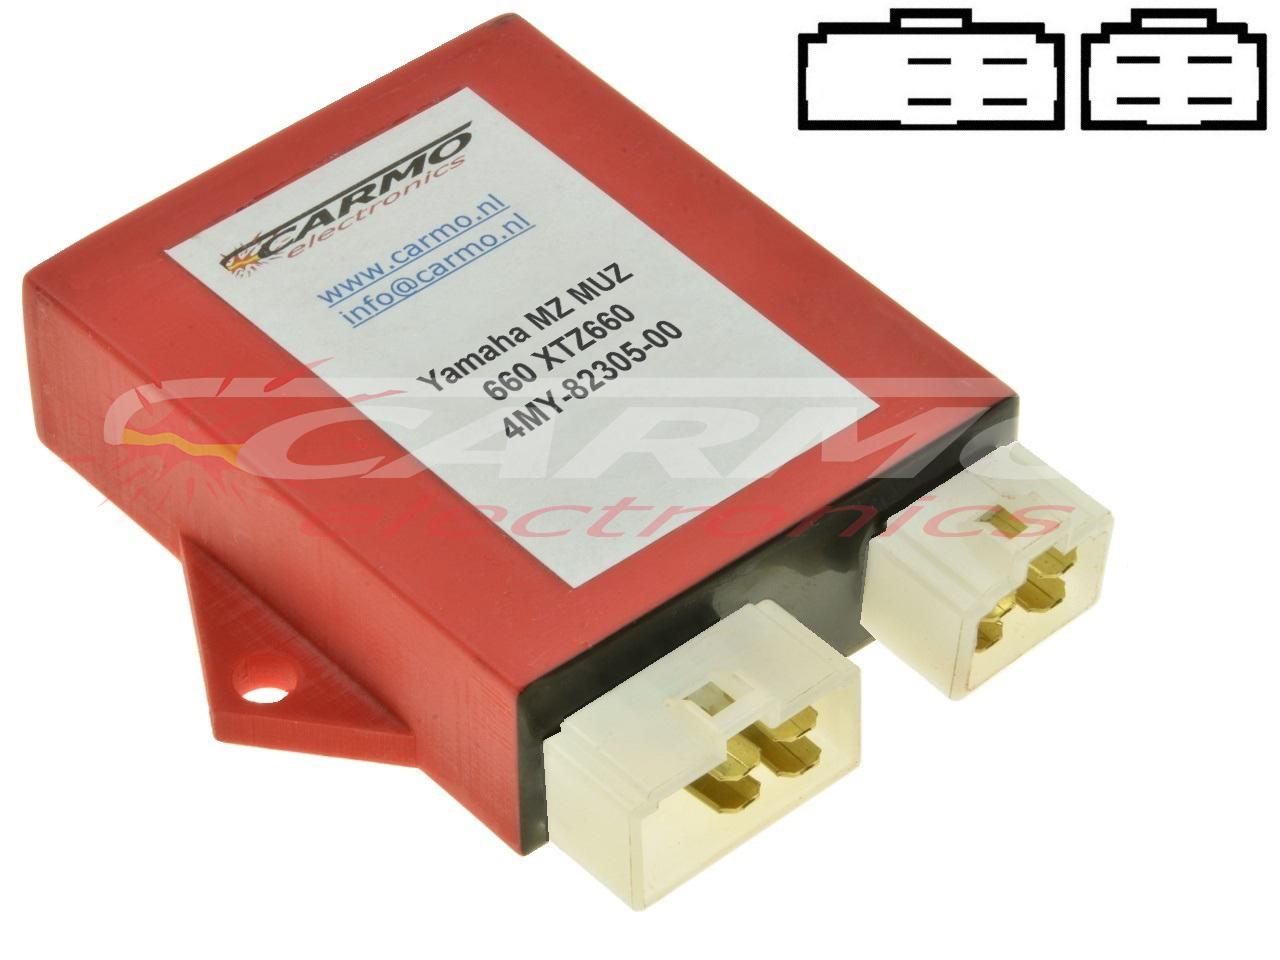 Yamaha MZ MUZ 660 XTZ660 CDI igniter (4MY-82305-00, 131800